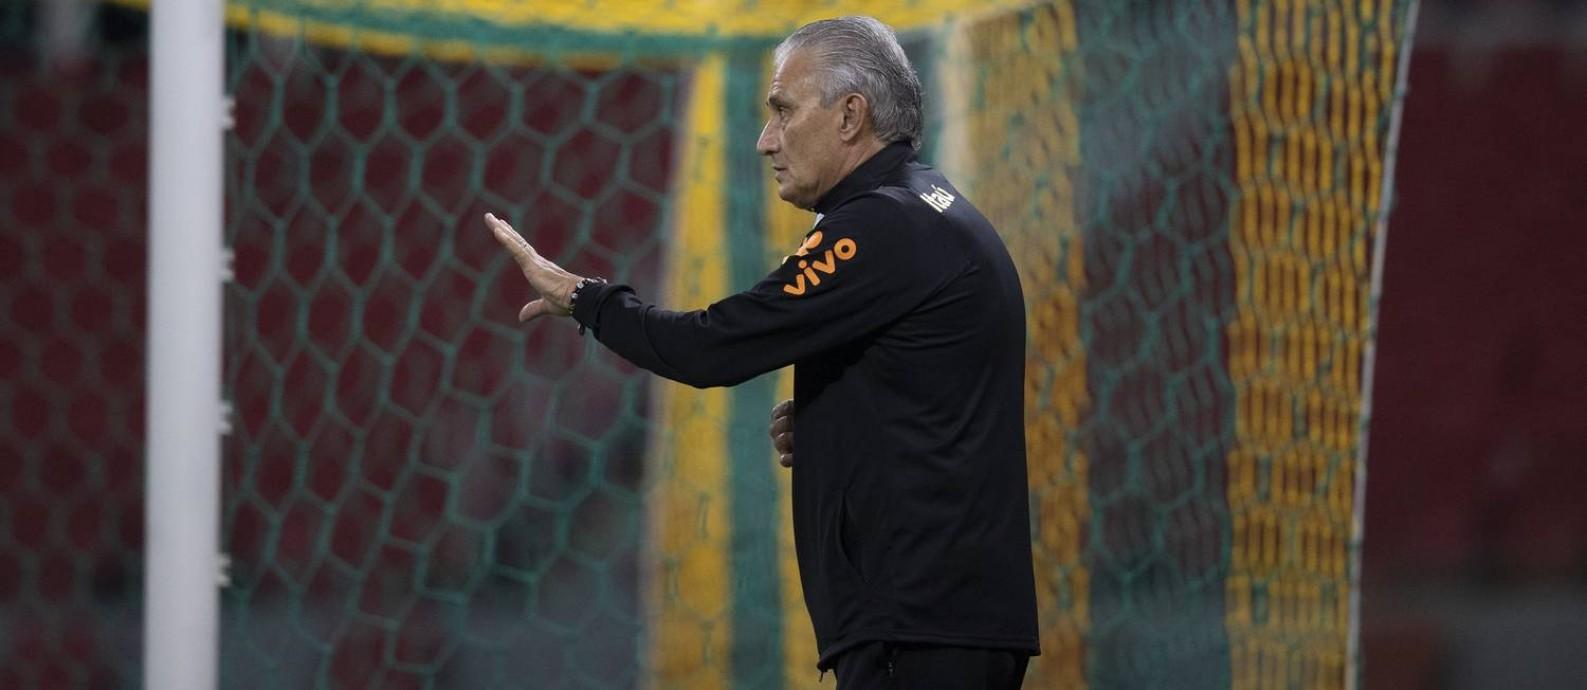 Tite, técnico da seleção brasileira, em treino no Beira-Rio Foto: Lucas Figueiredo/CBF/Divulgação